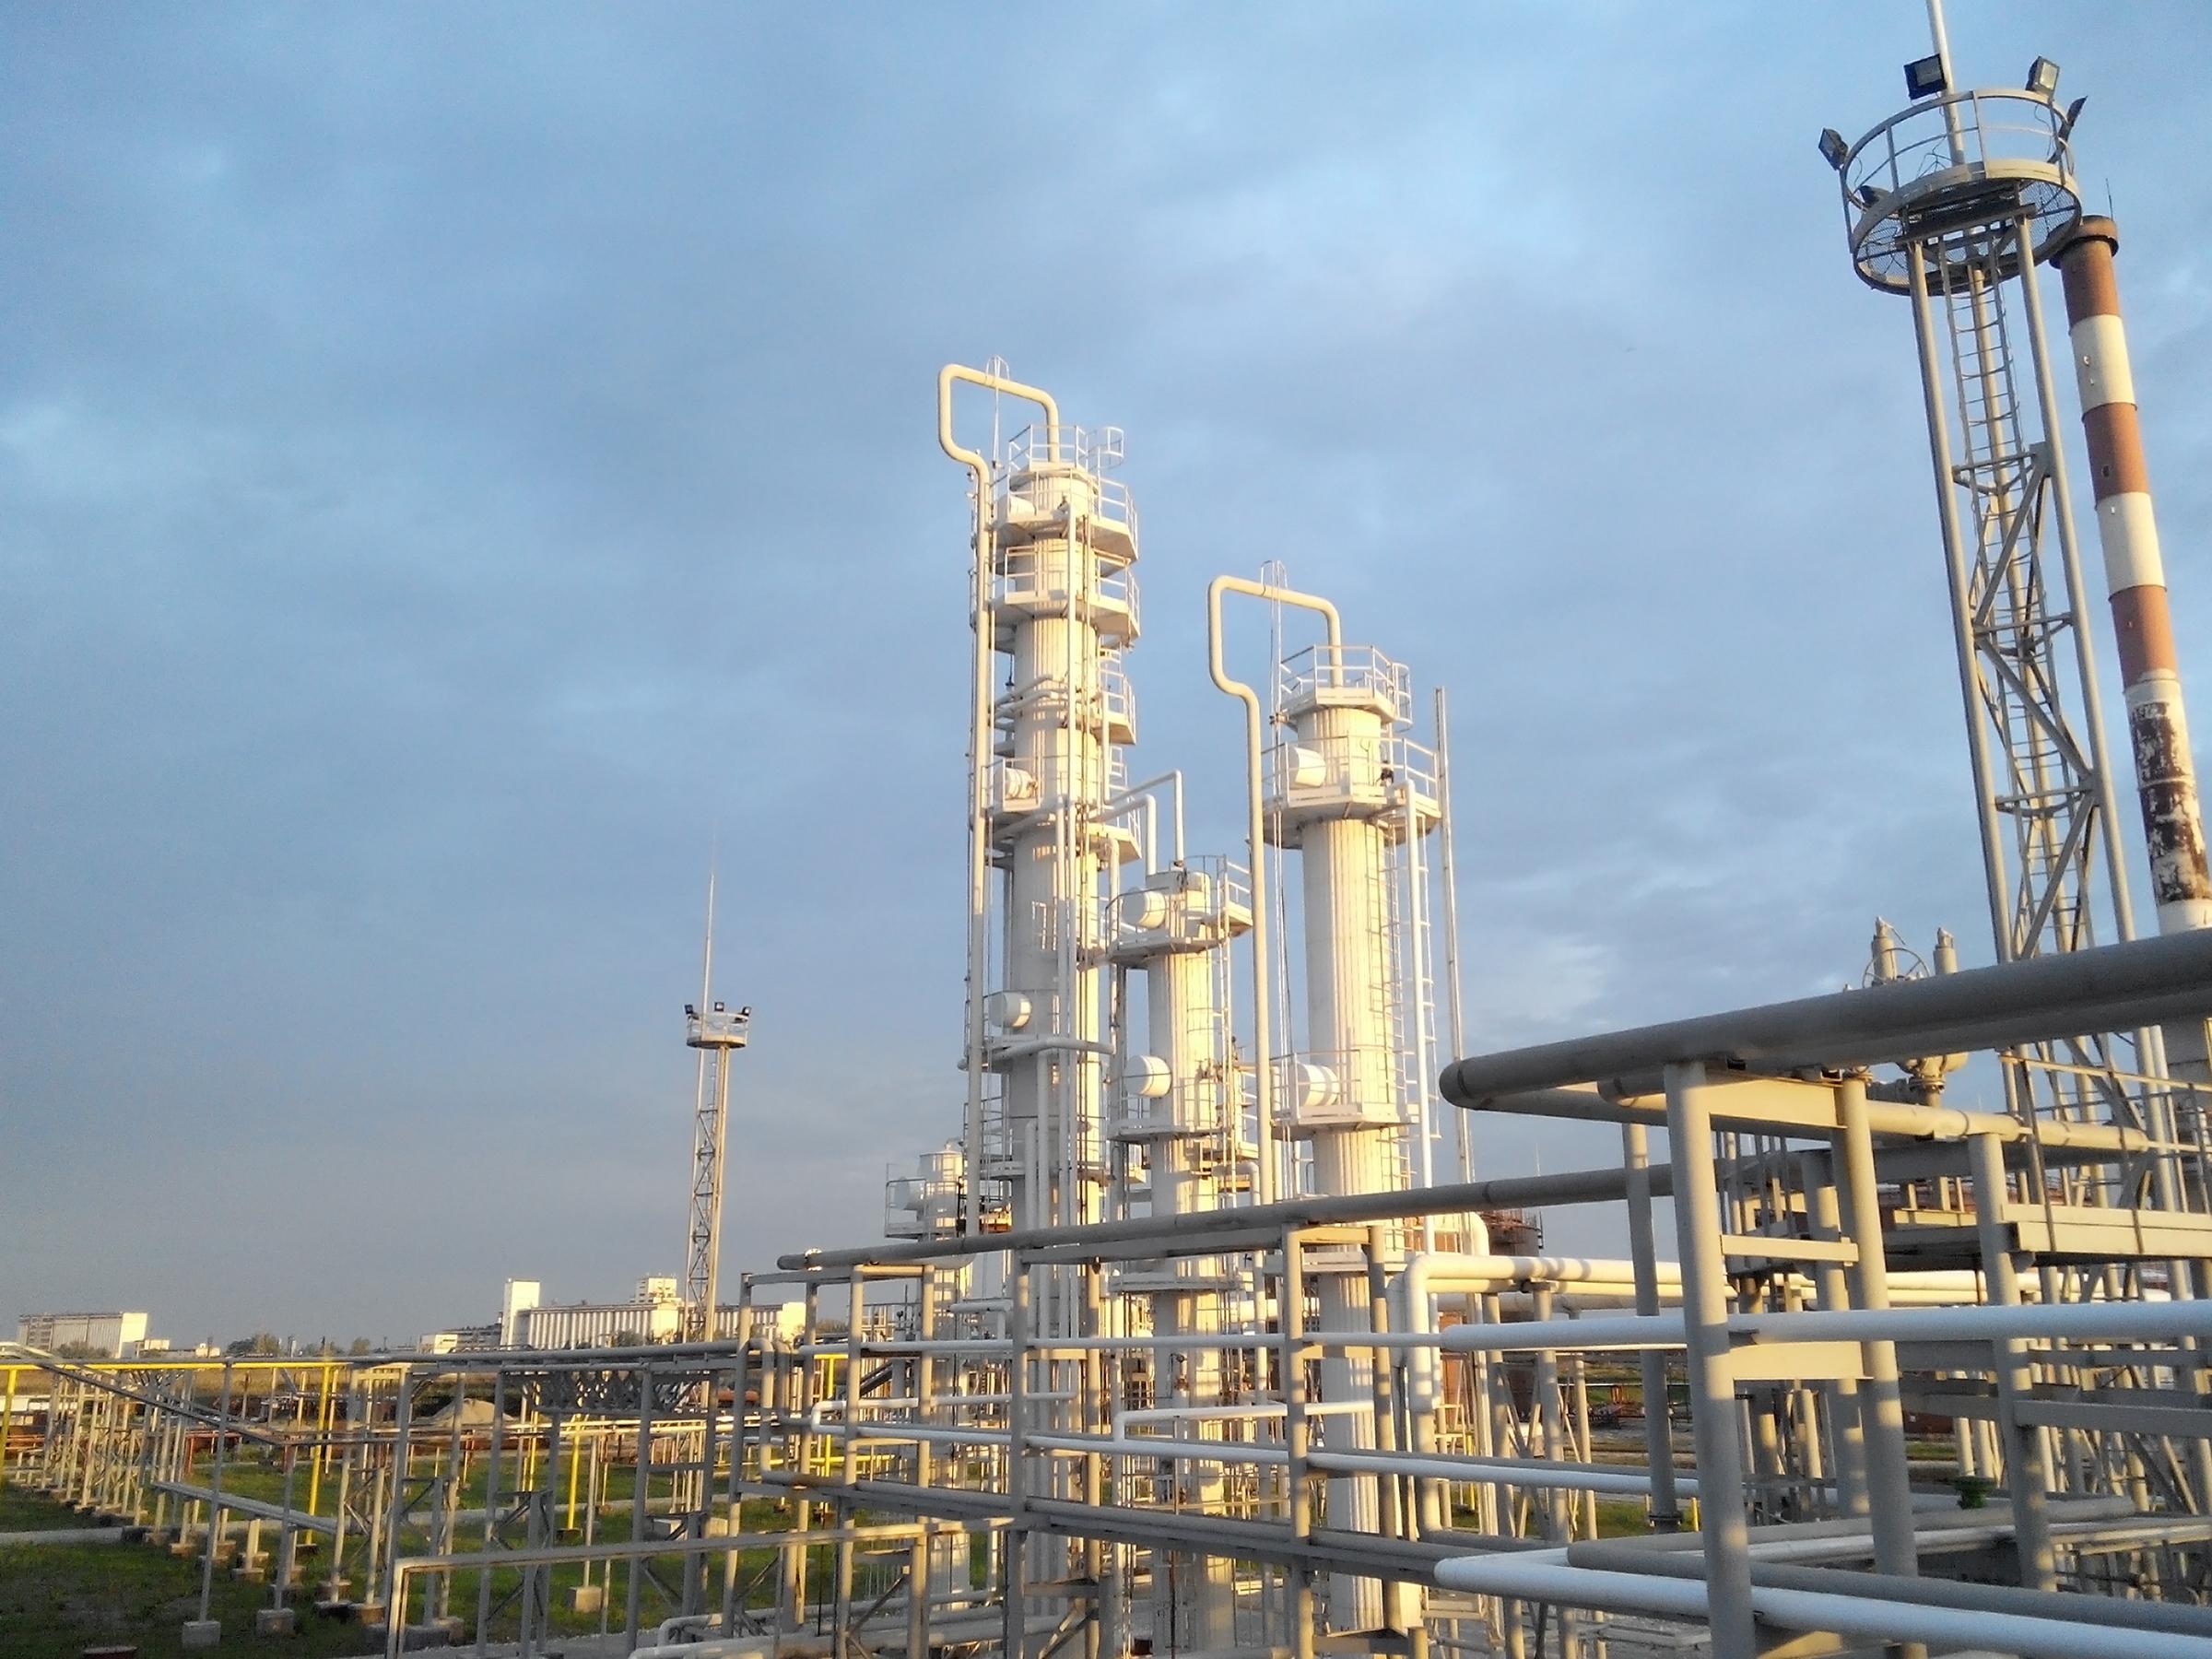 LE.Industrial.Ind.for.vb.oil.ref.57